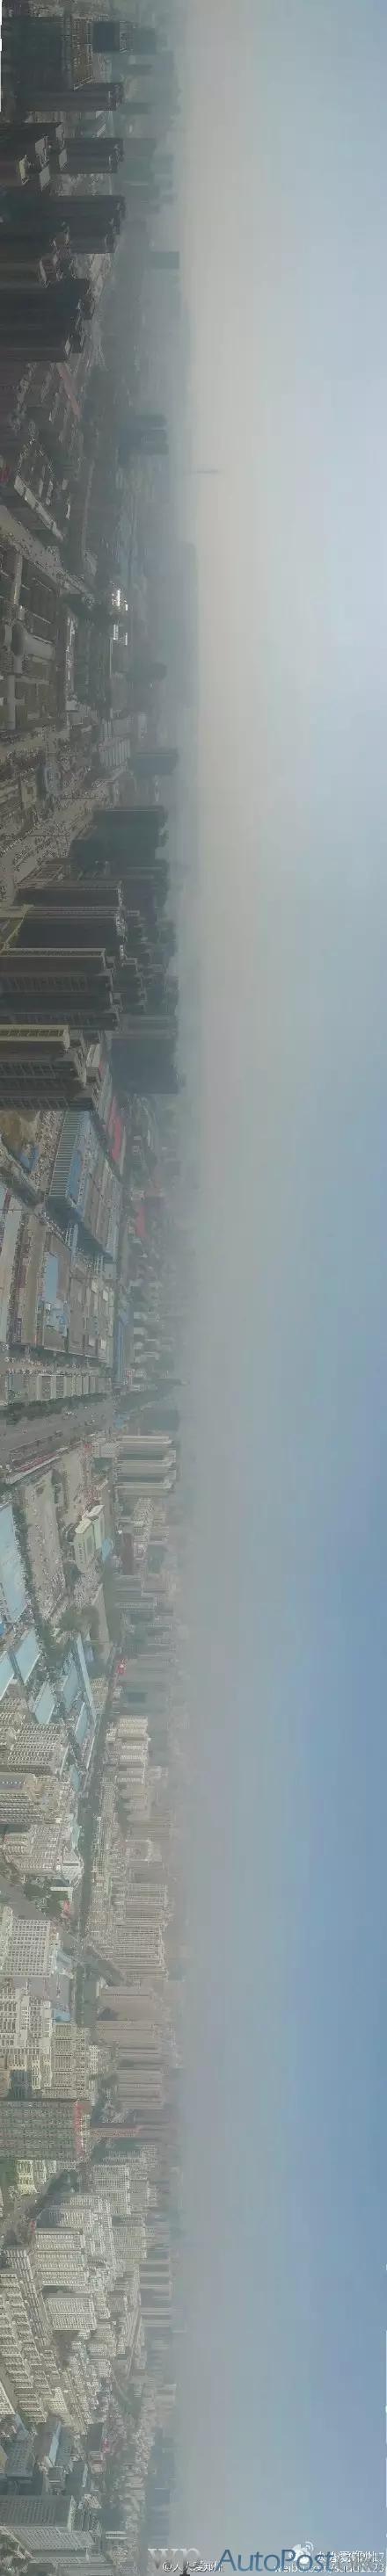 震撼!一张航拍看懂郑州雾霾有多严重